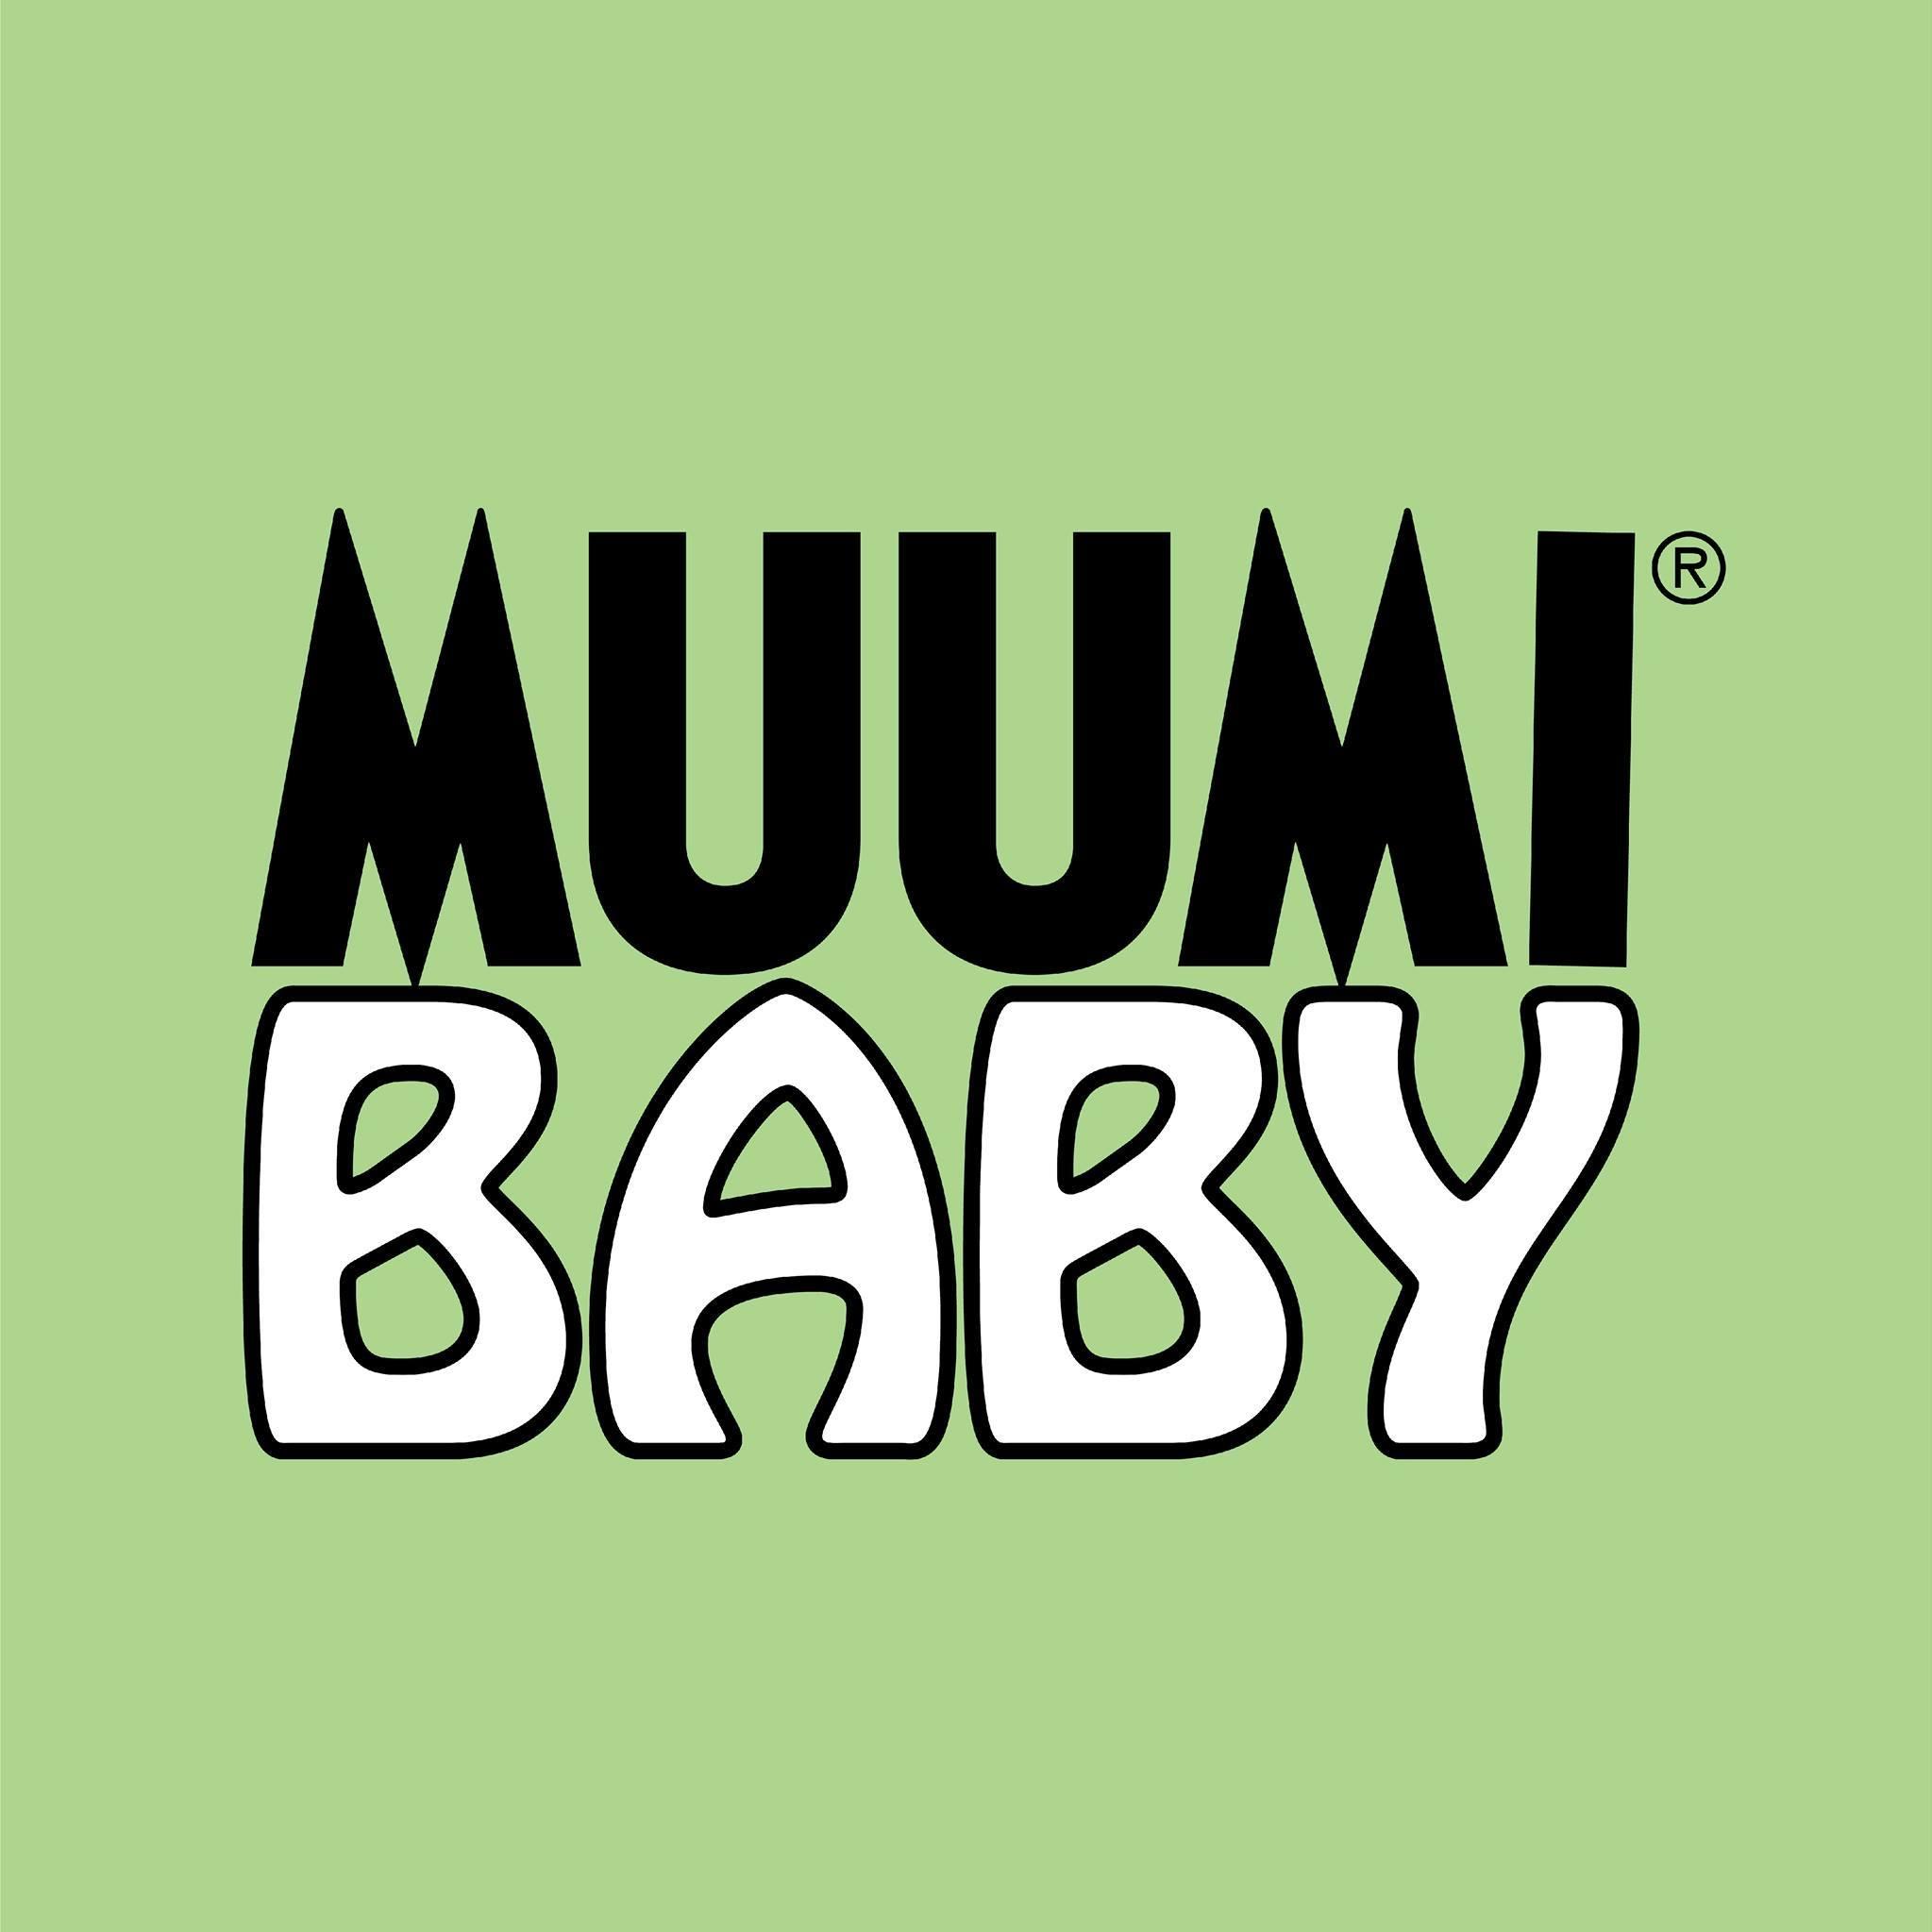 Mummy Baby Brand